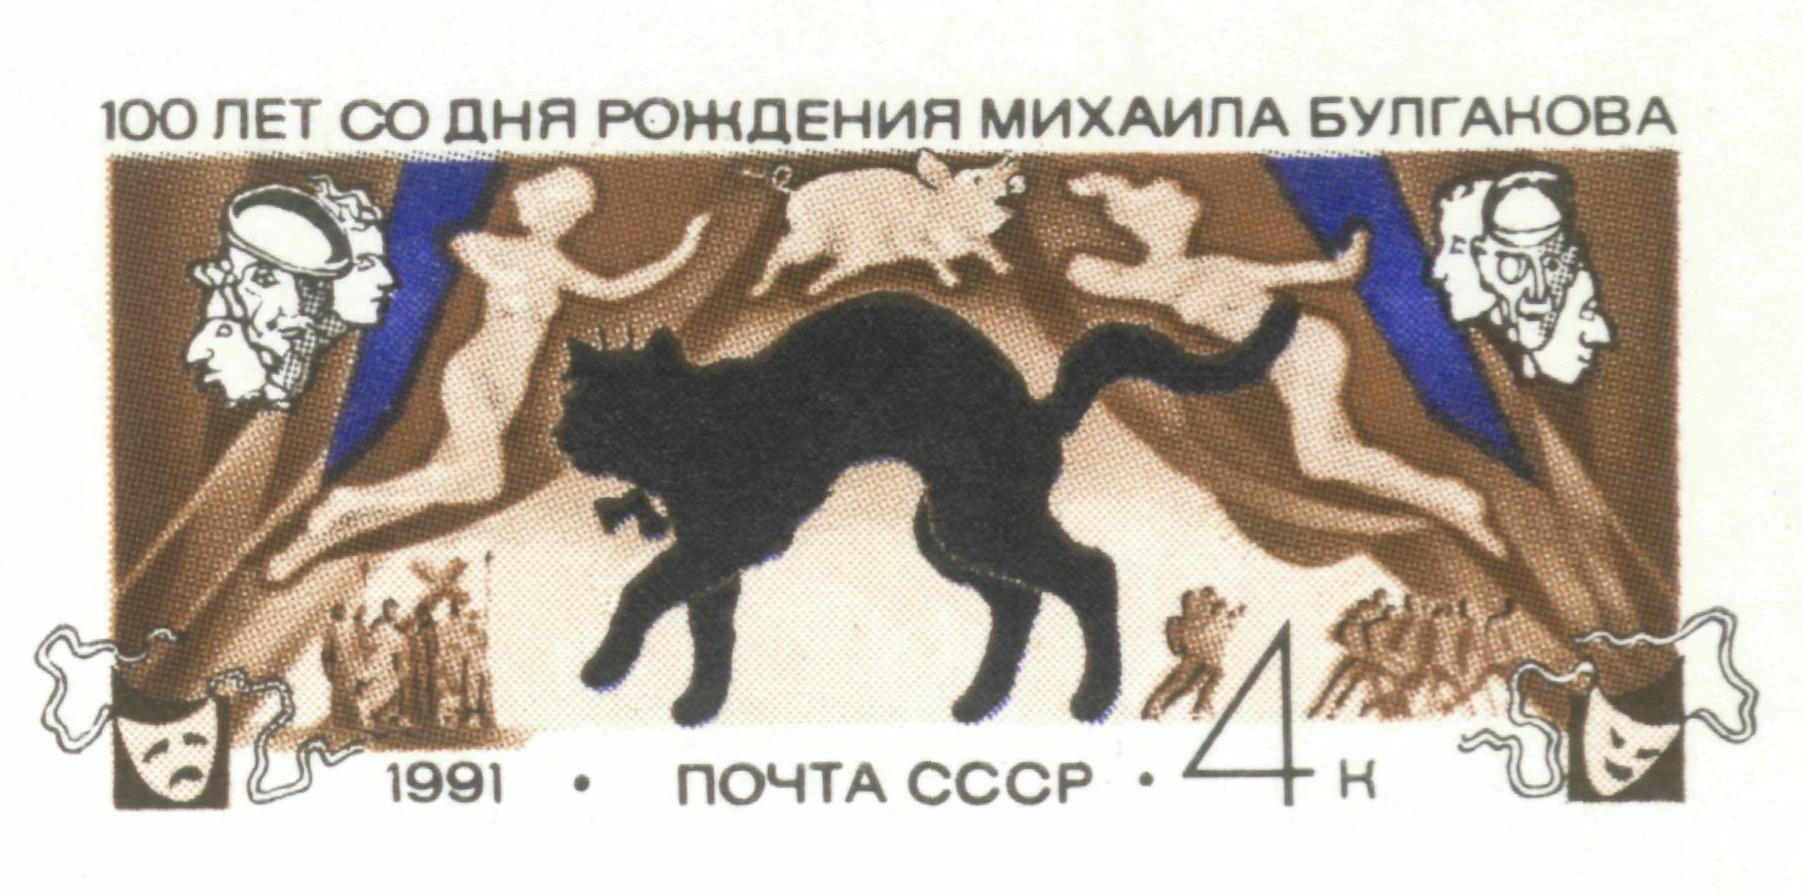 Timbre soviétique célébrant l'anniversaire de la naissance de Boulgakov